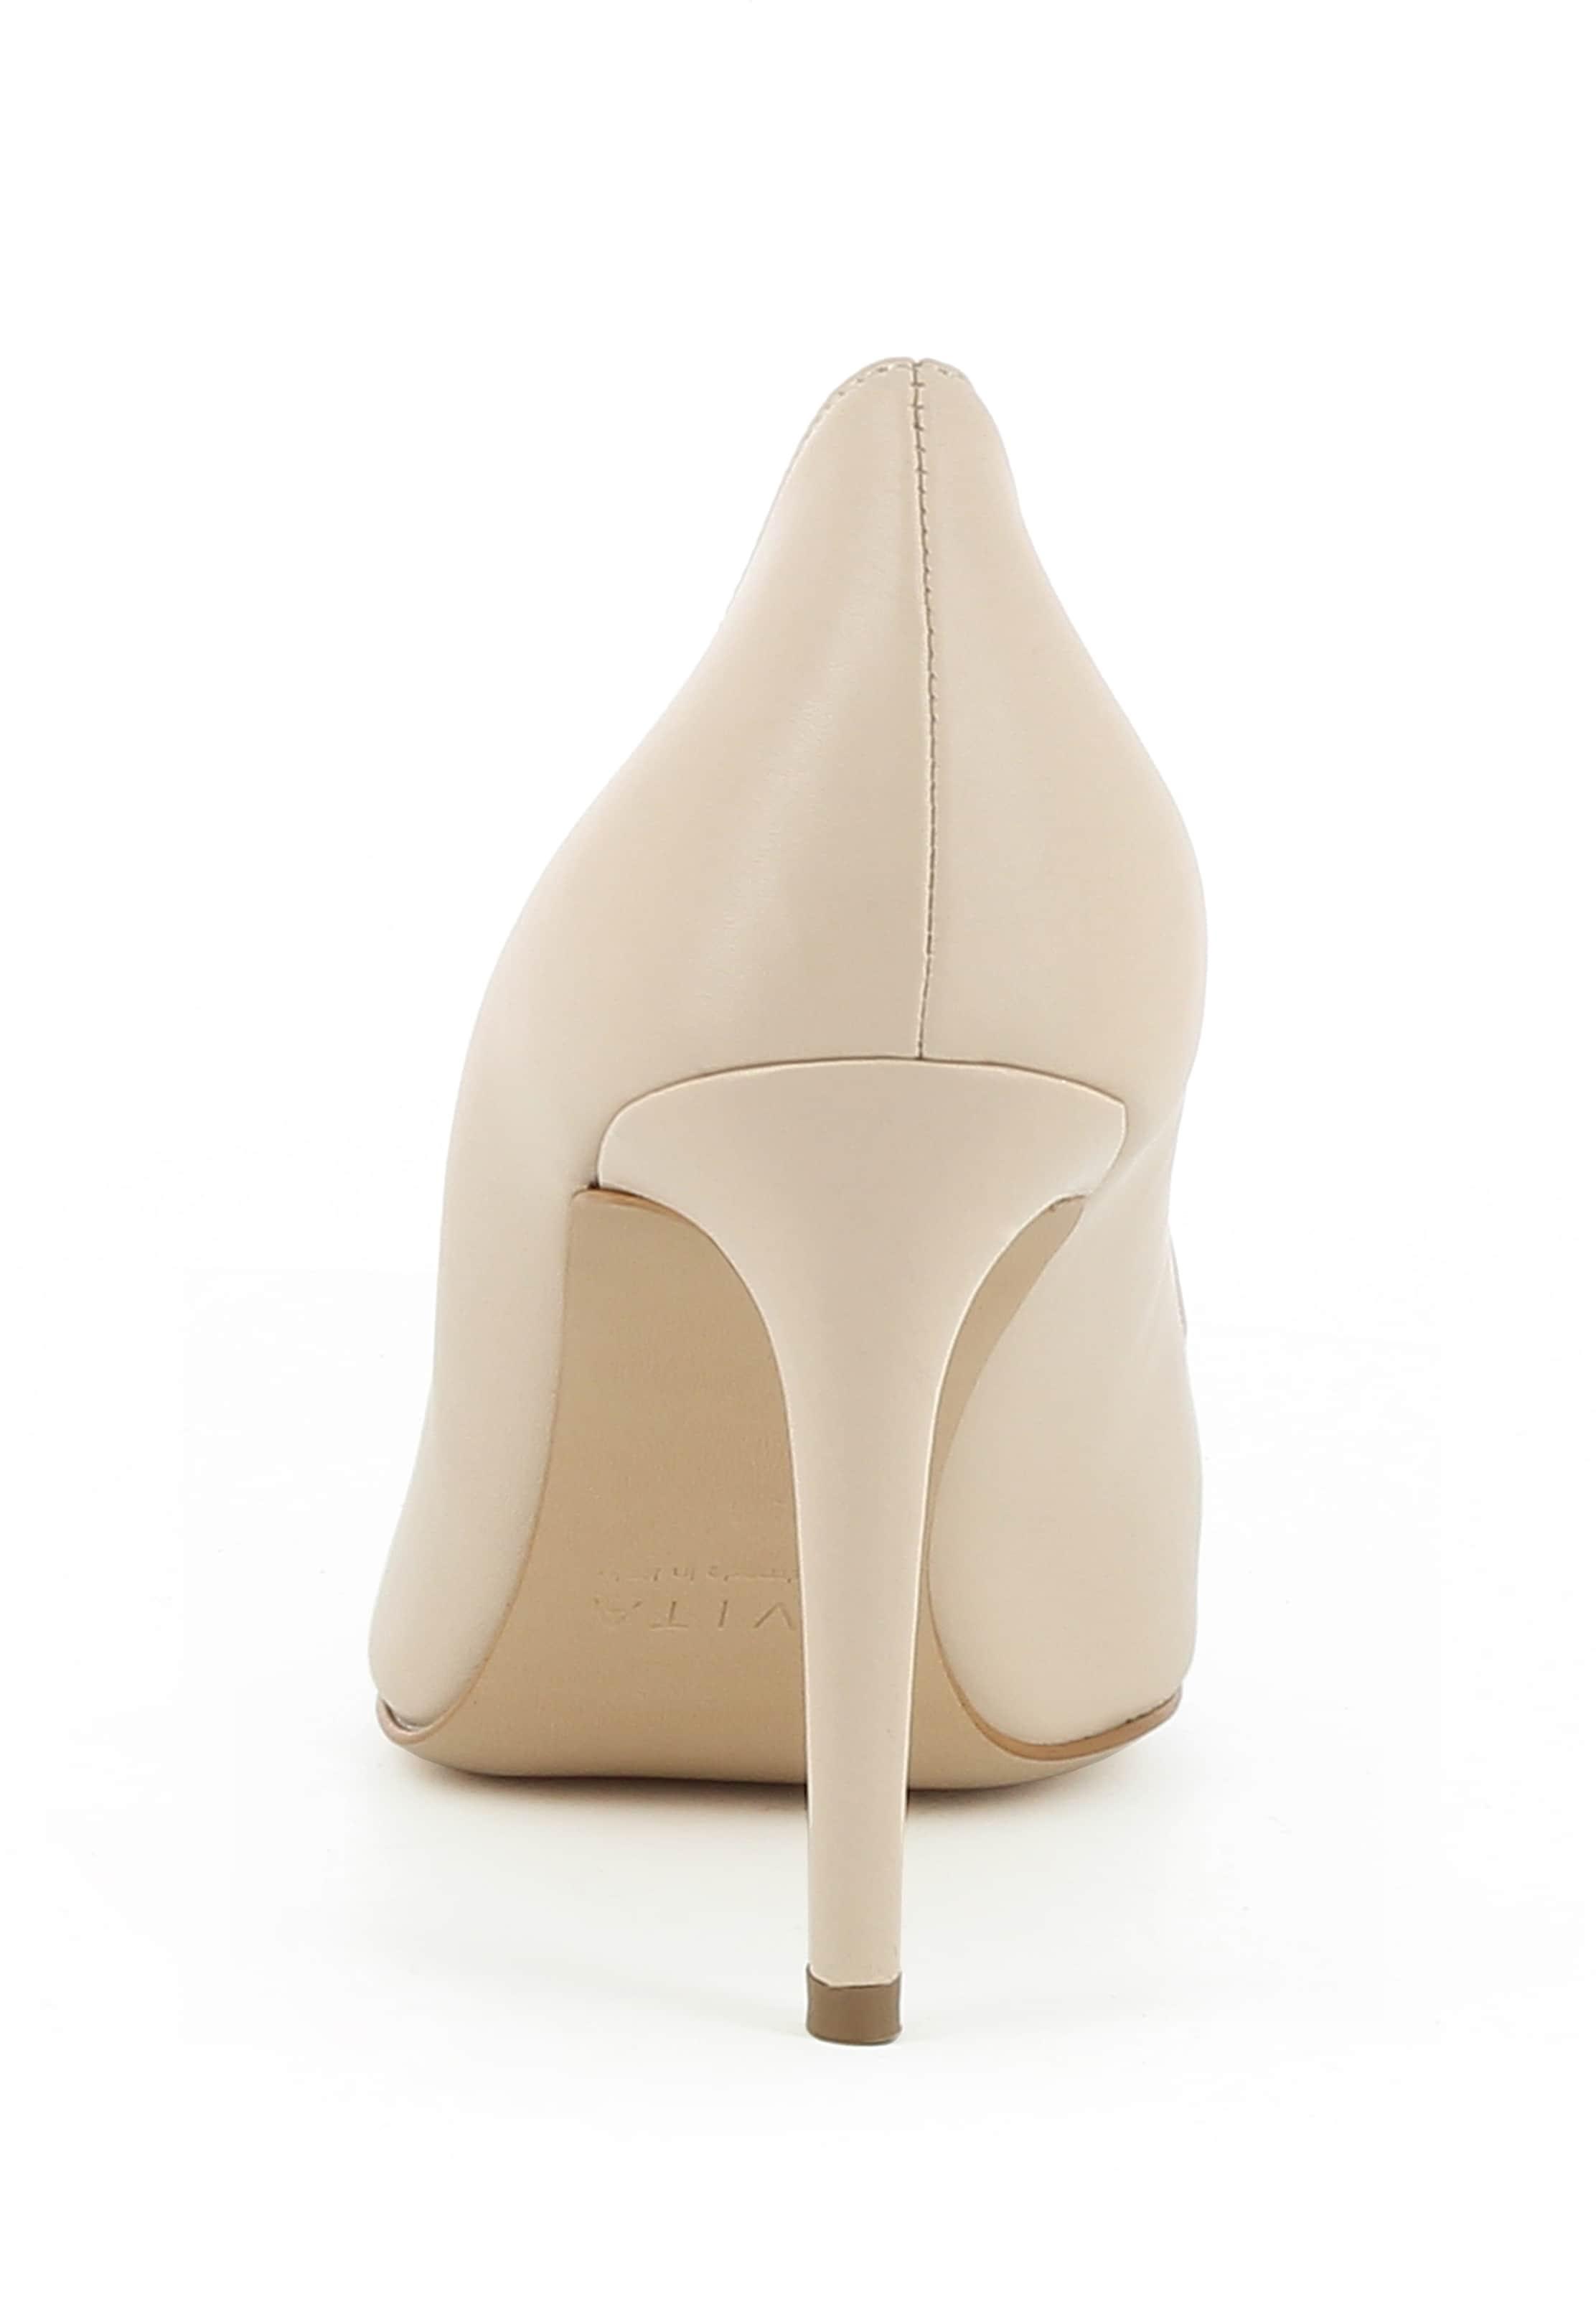 Evita Escarpins En Nude Nude Escarpins En Evita 'natalia' 'natalia' Evita Escarpins UzVqSpM